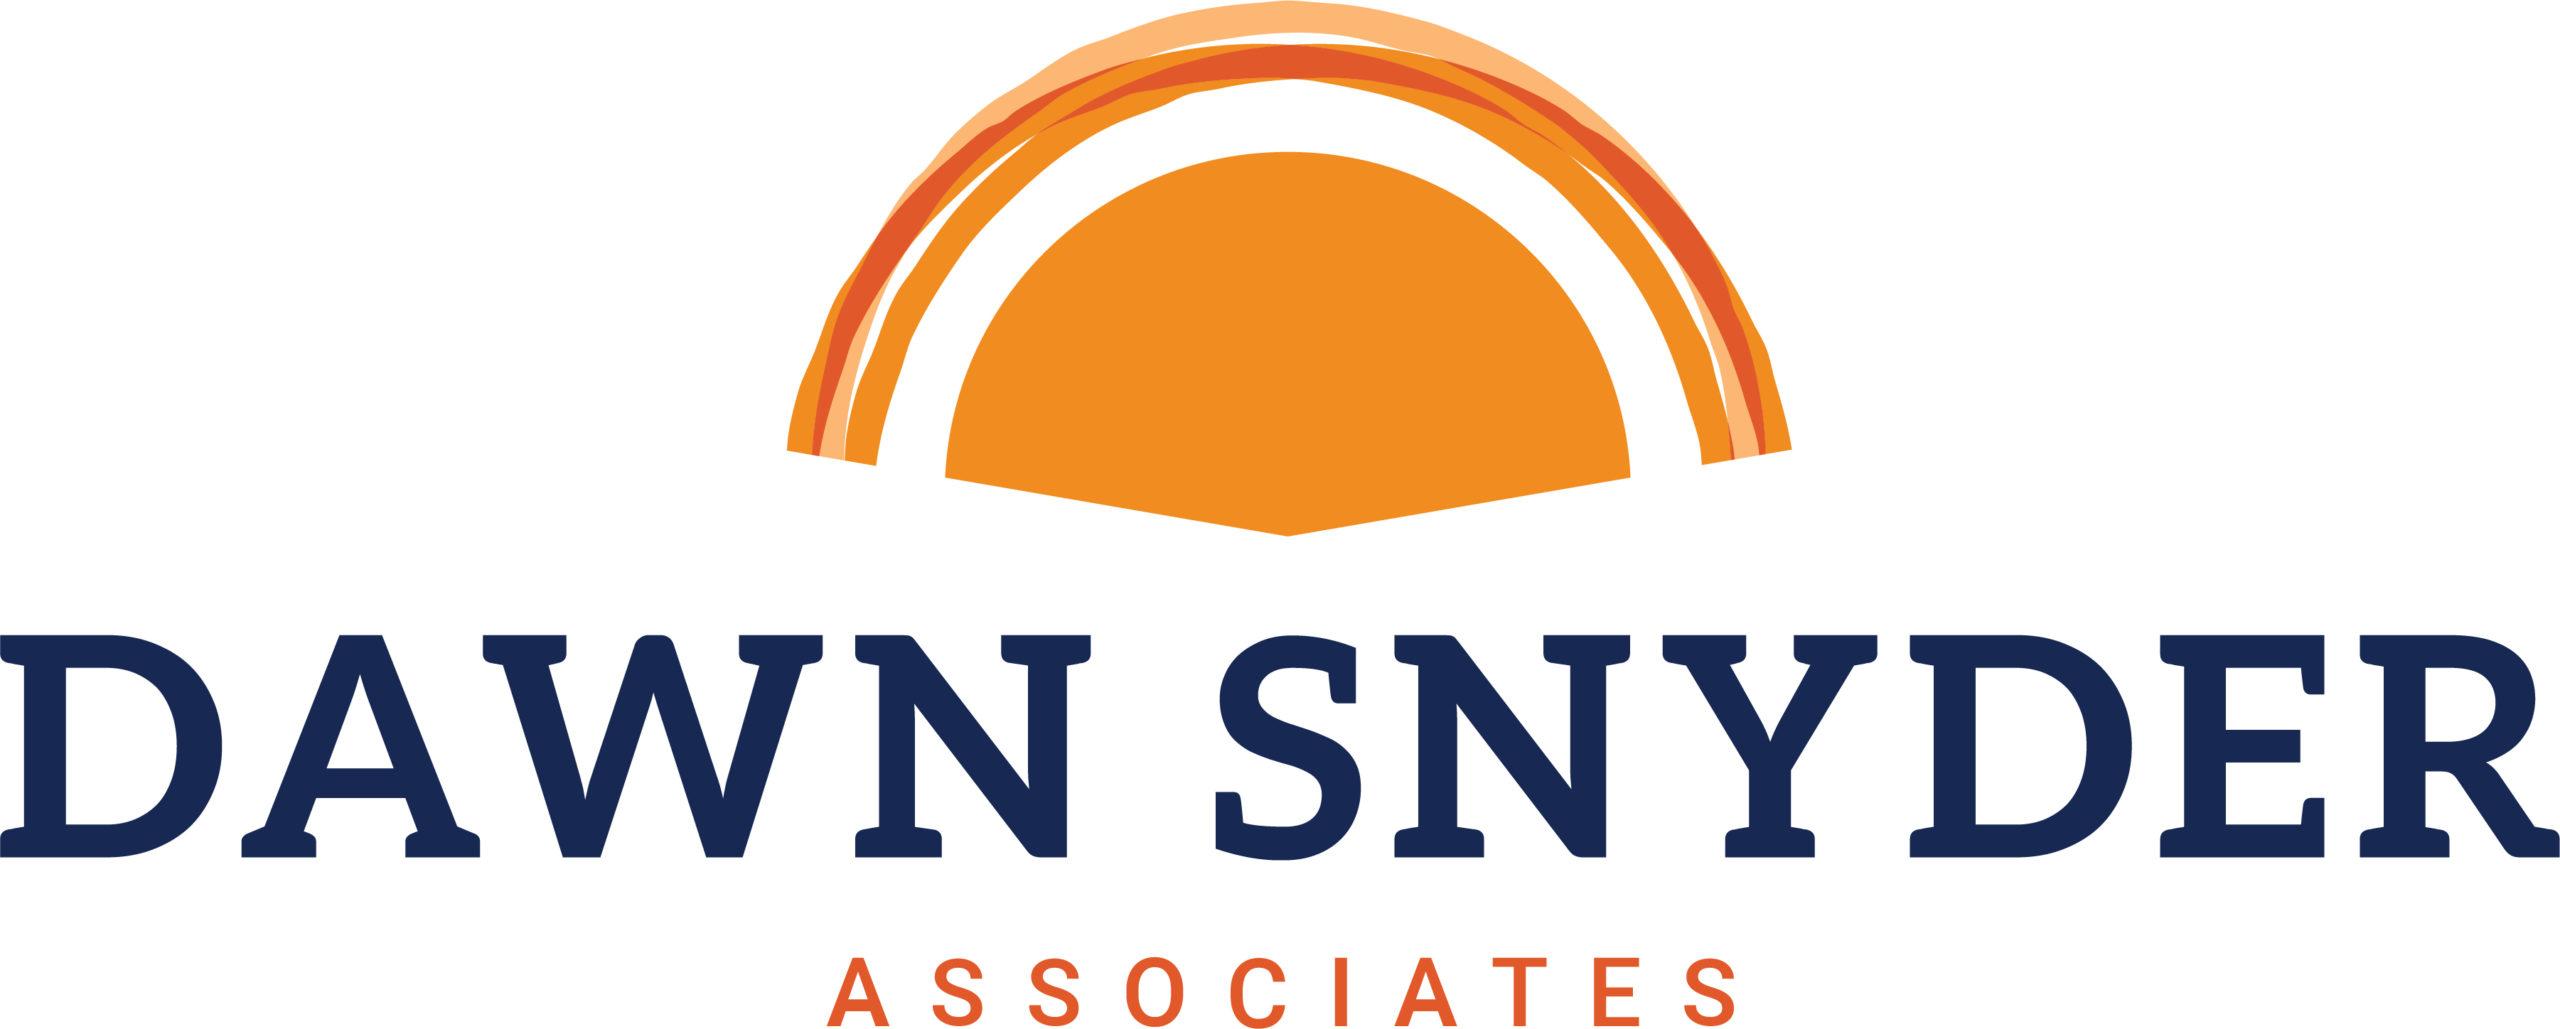 Dawn Snyder Associates